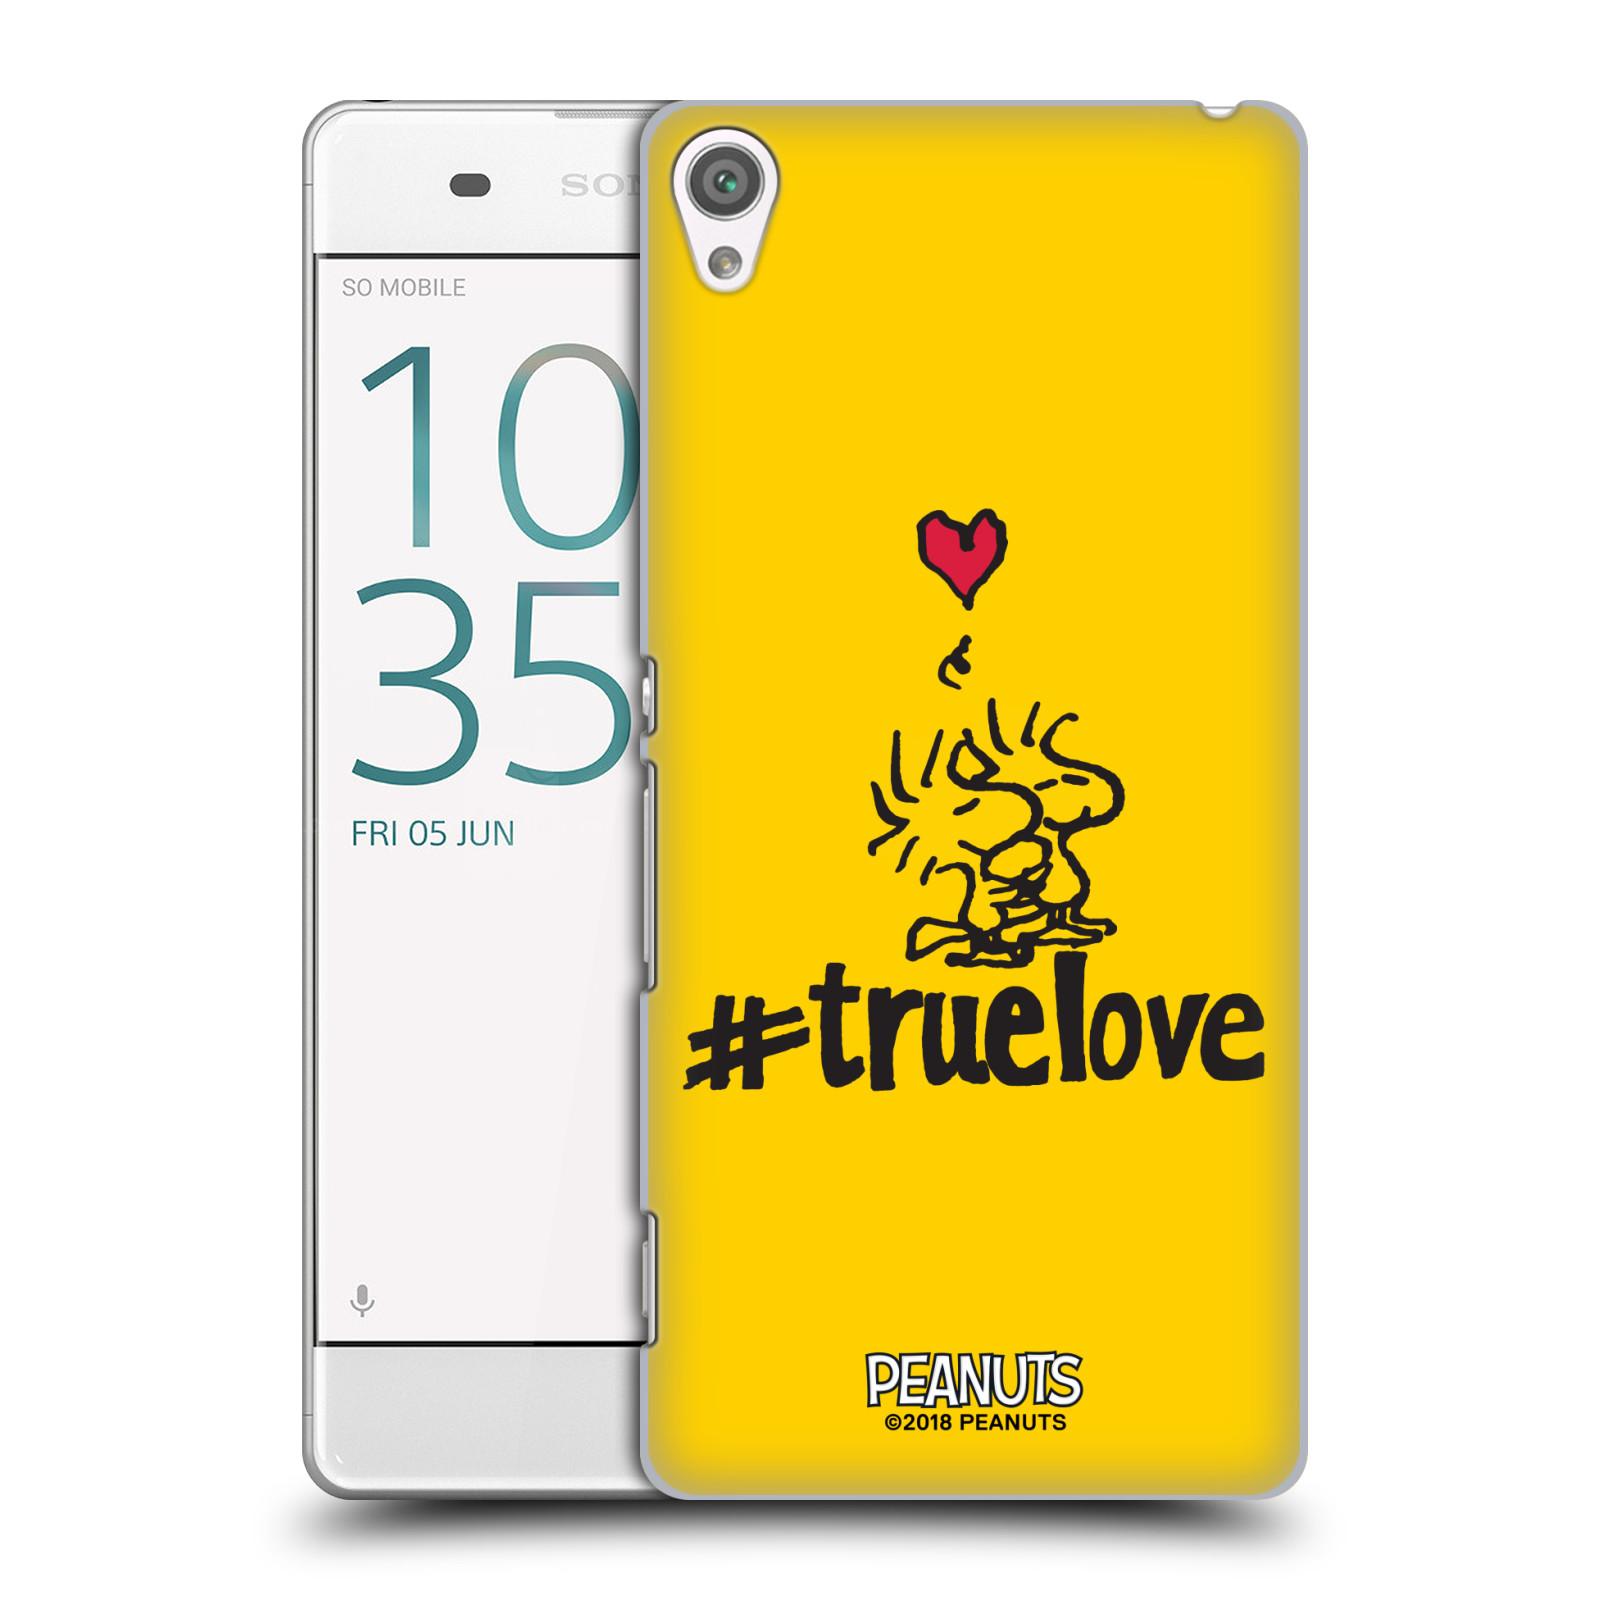 Pouzdro na mobil Sony Xperia XA Oficiální motiv Peanuts ptáčci žlutá barva srdíčko